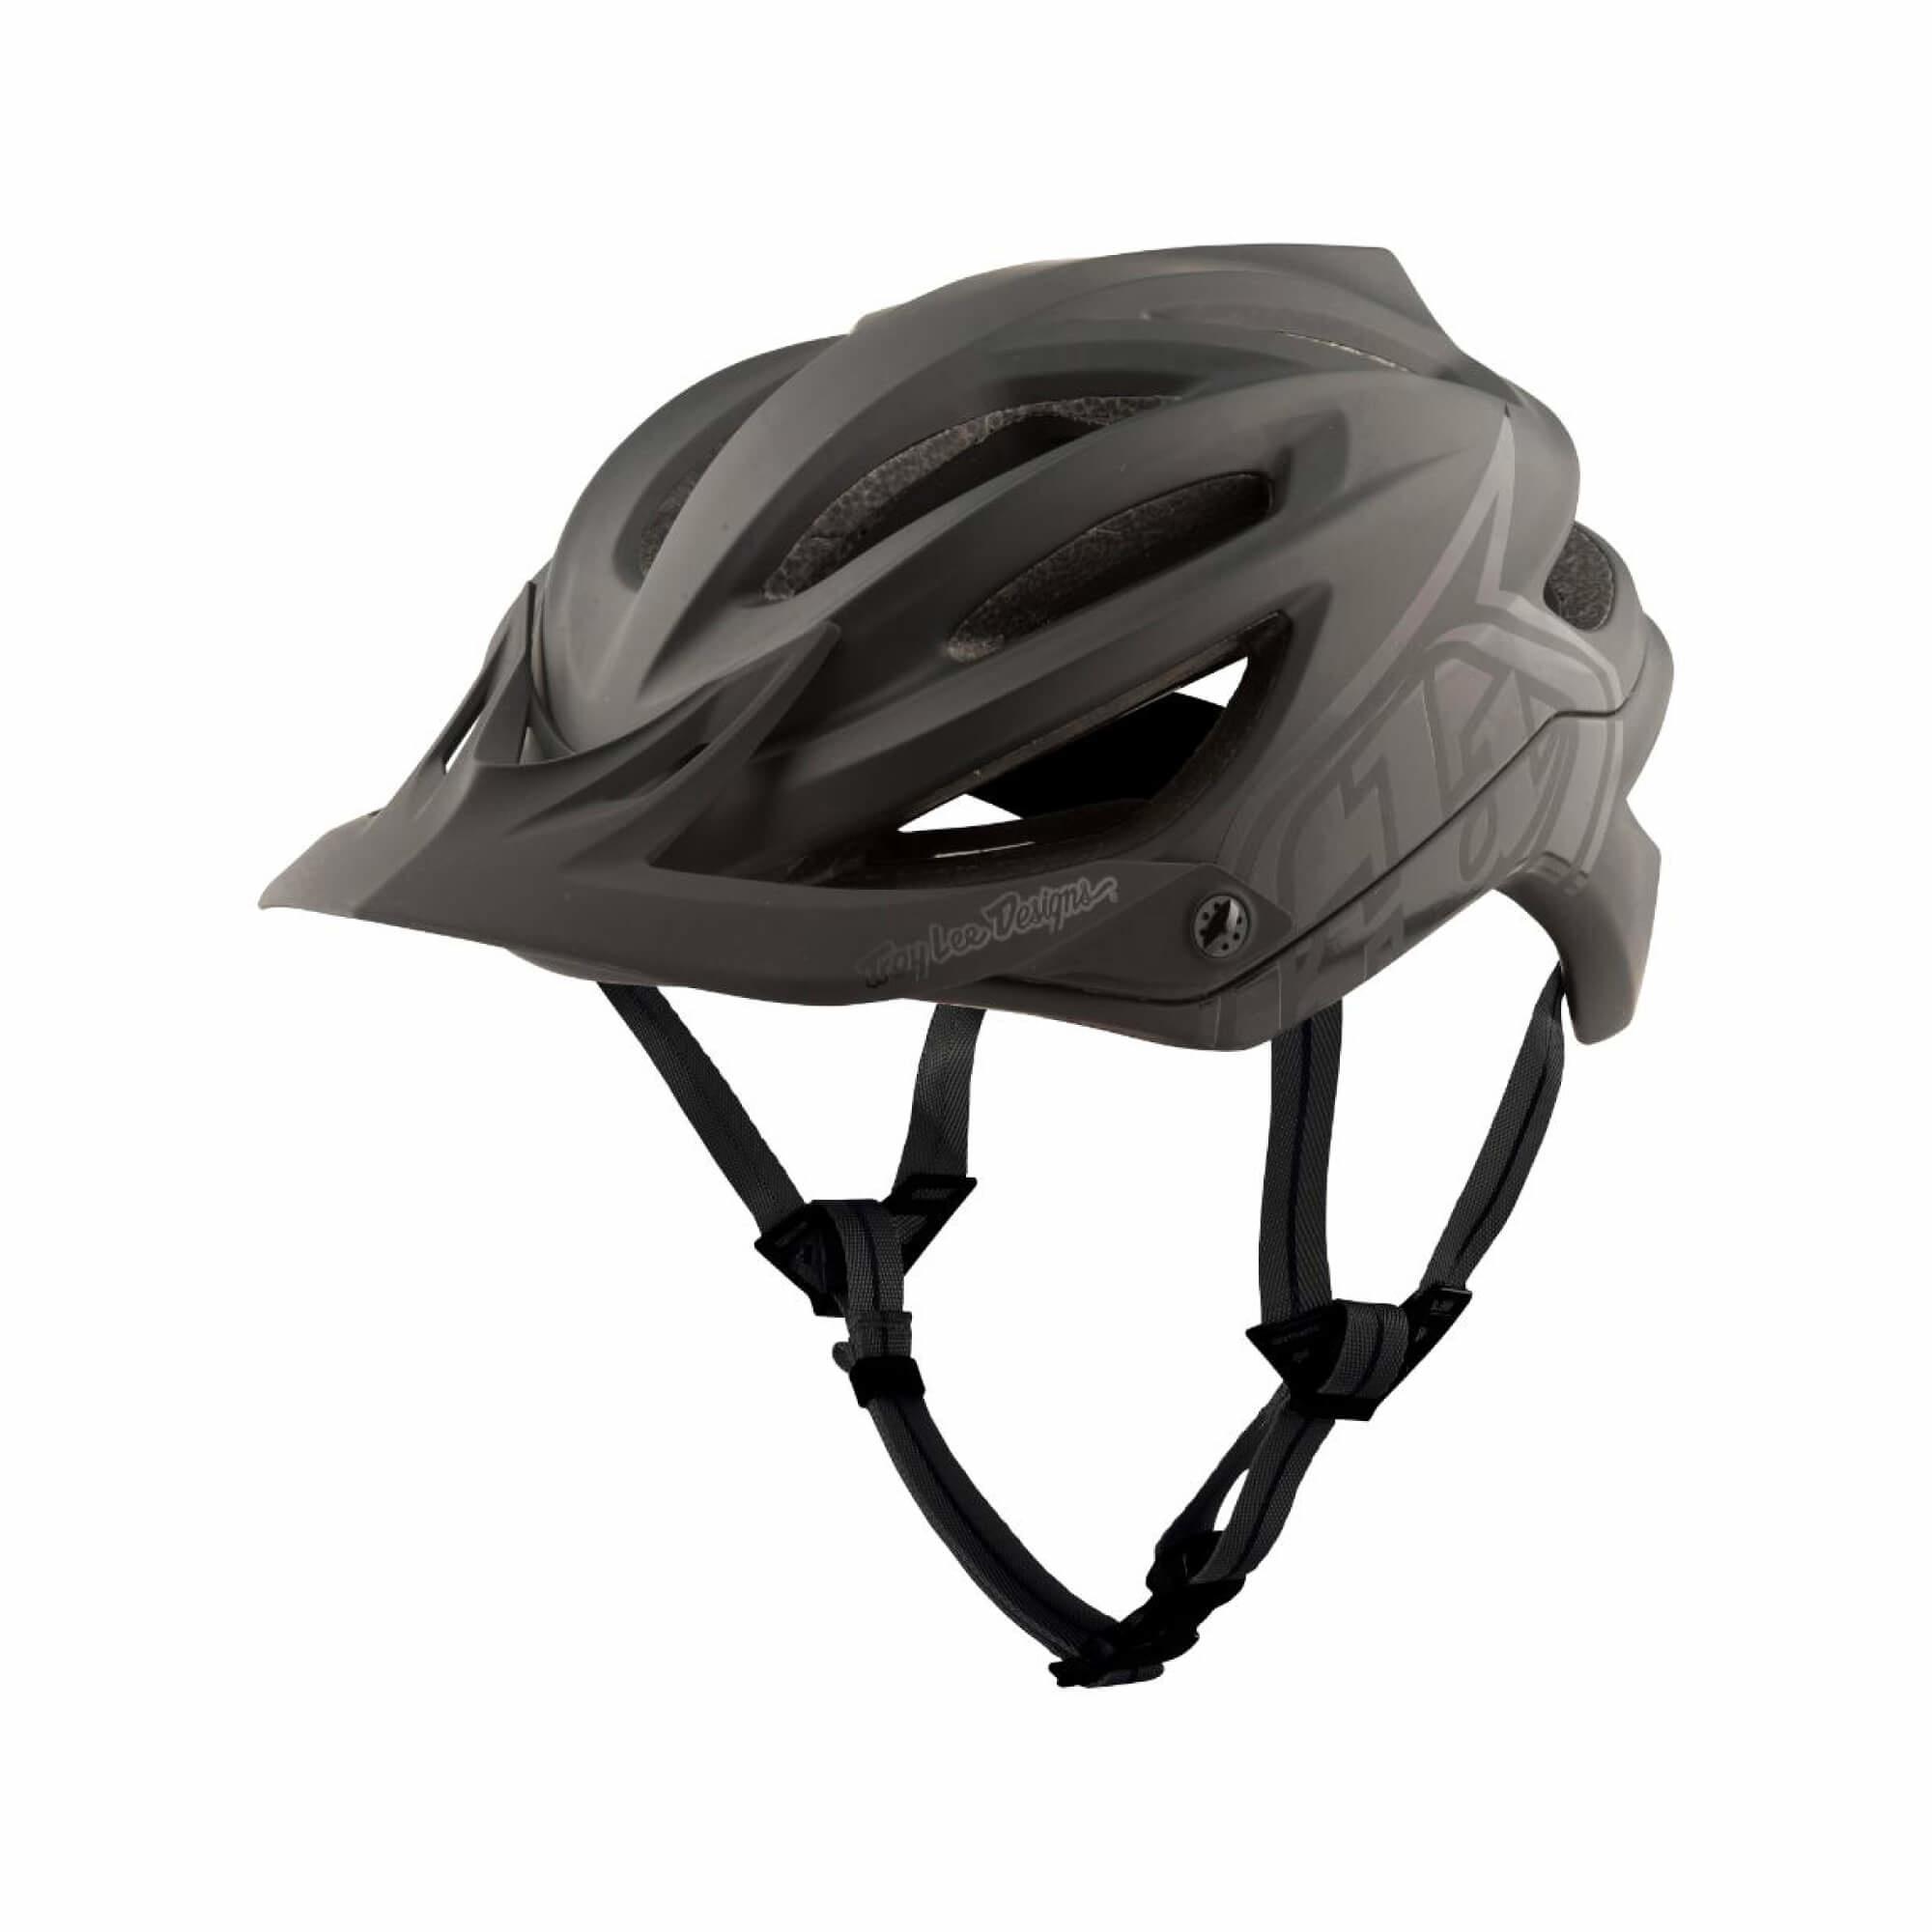 A2 As Mips Helmet-1